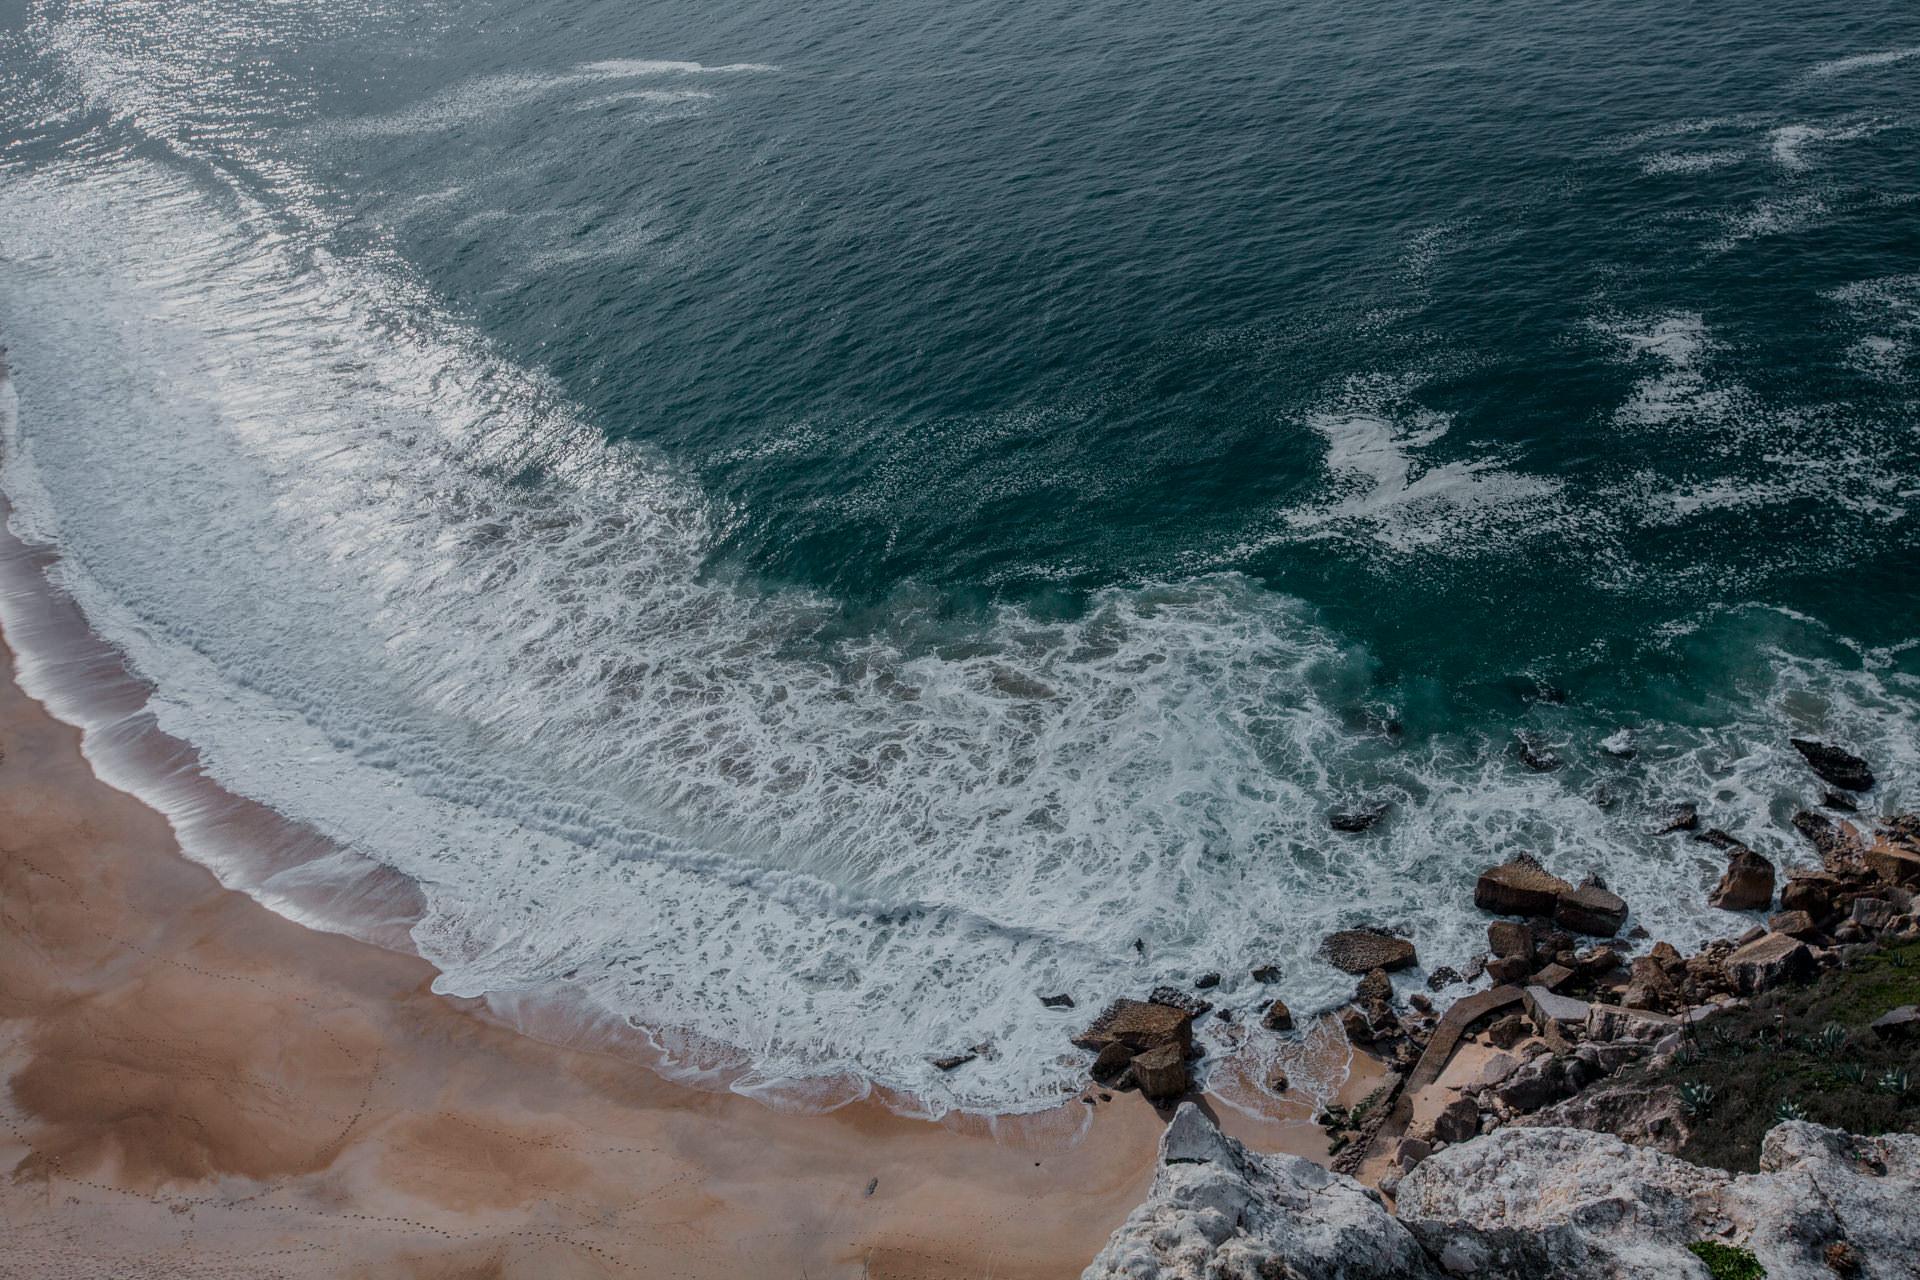 Najlepsza plaża w Portugalii. Gdzie jechać do Portugalii? Surfing Portugal